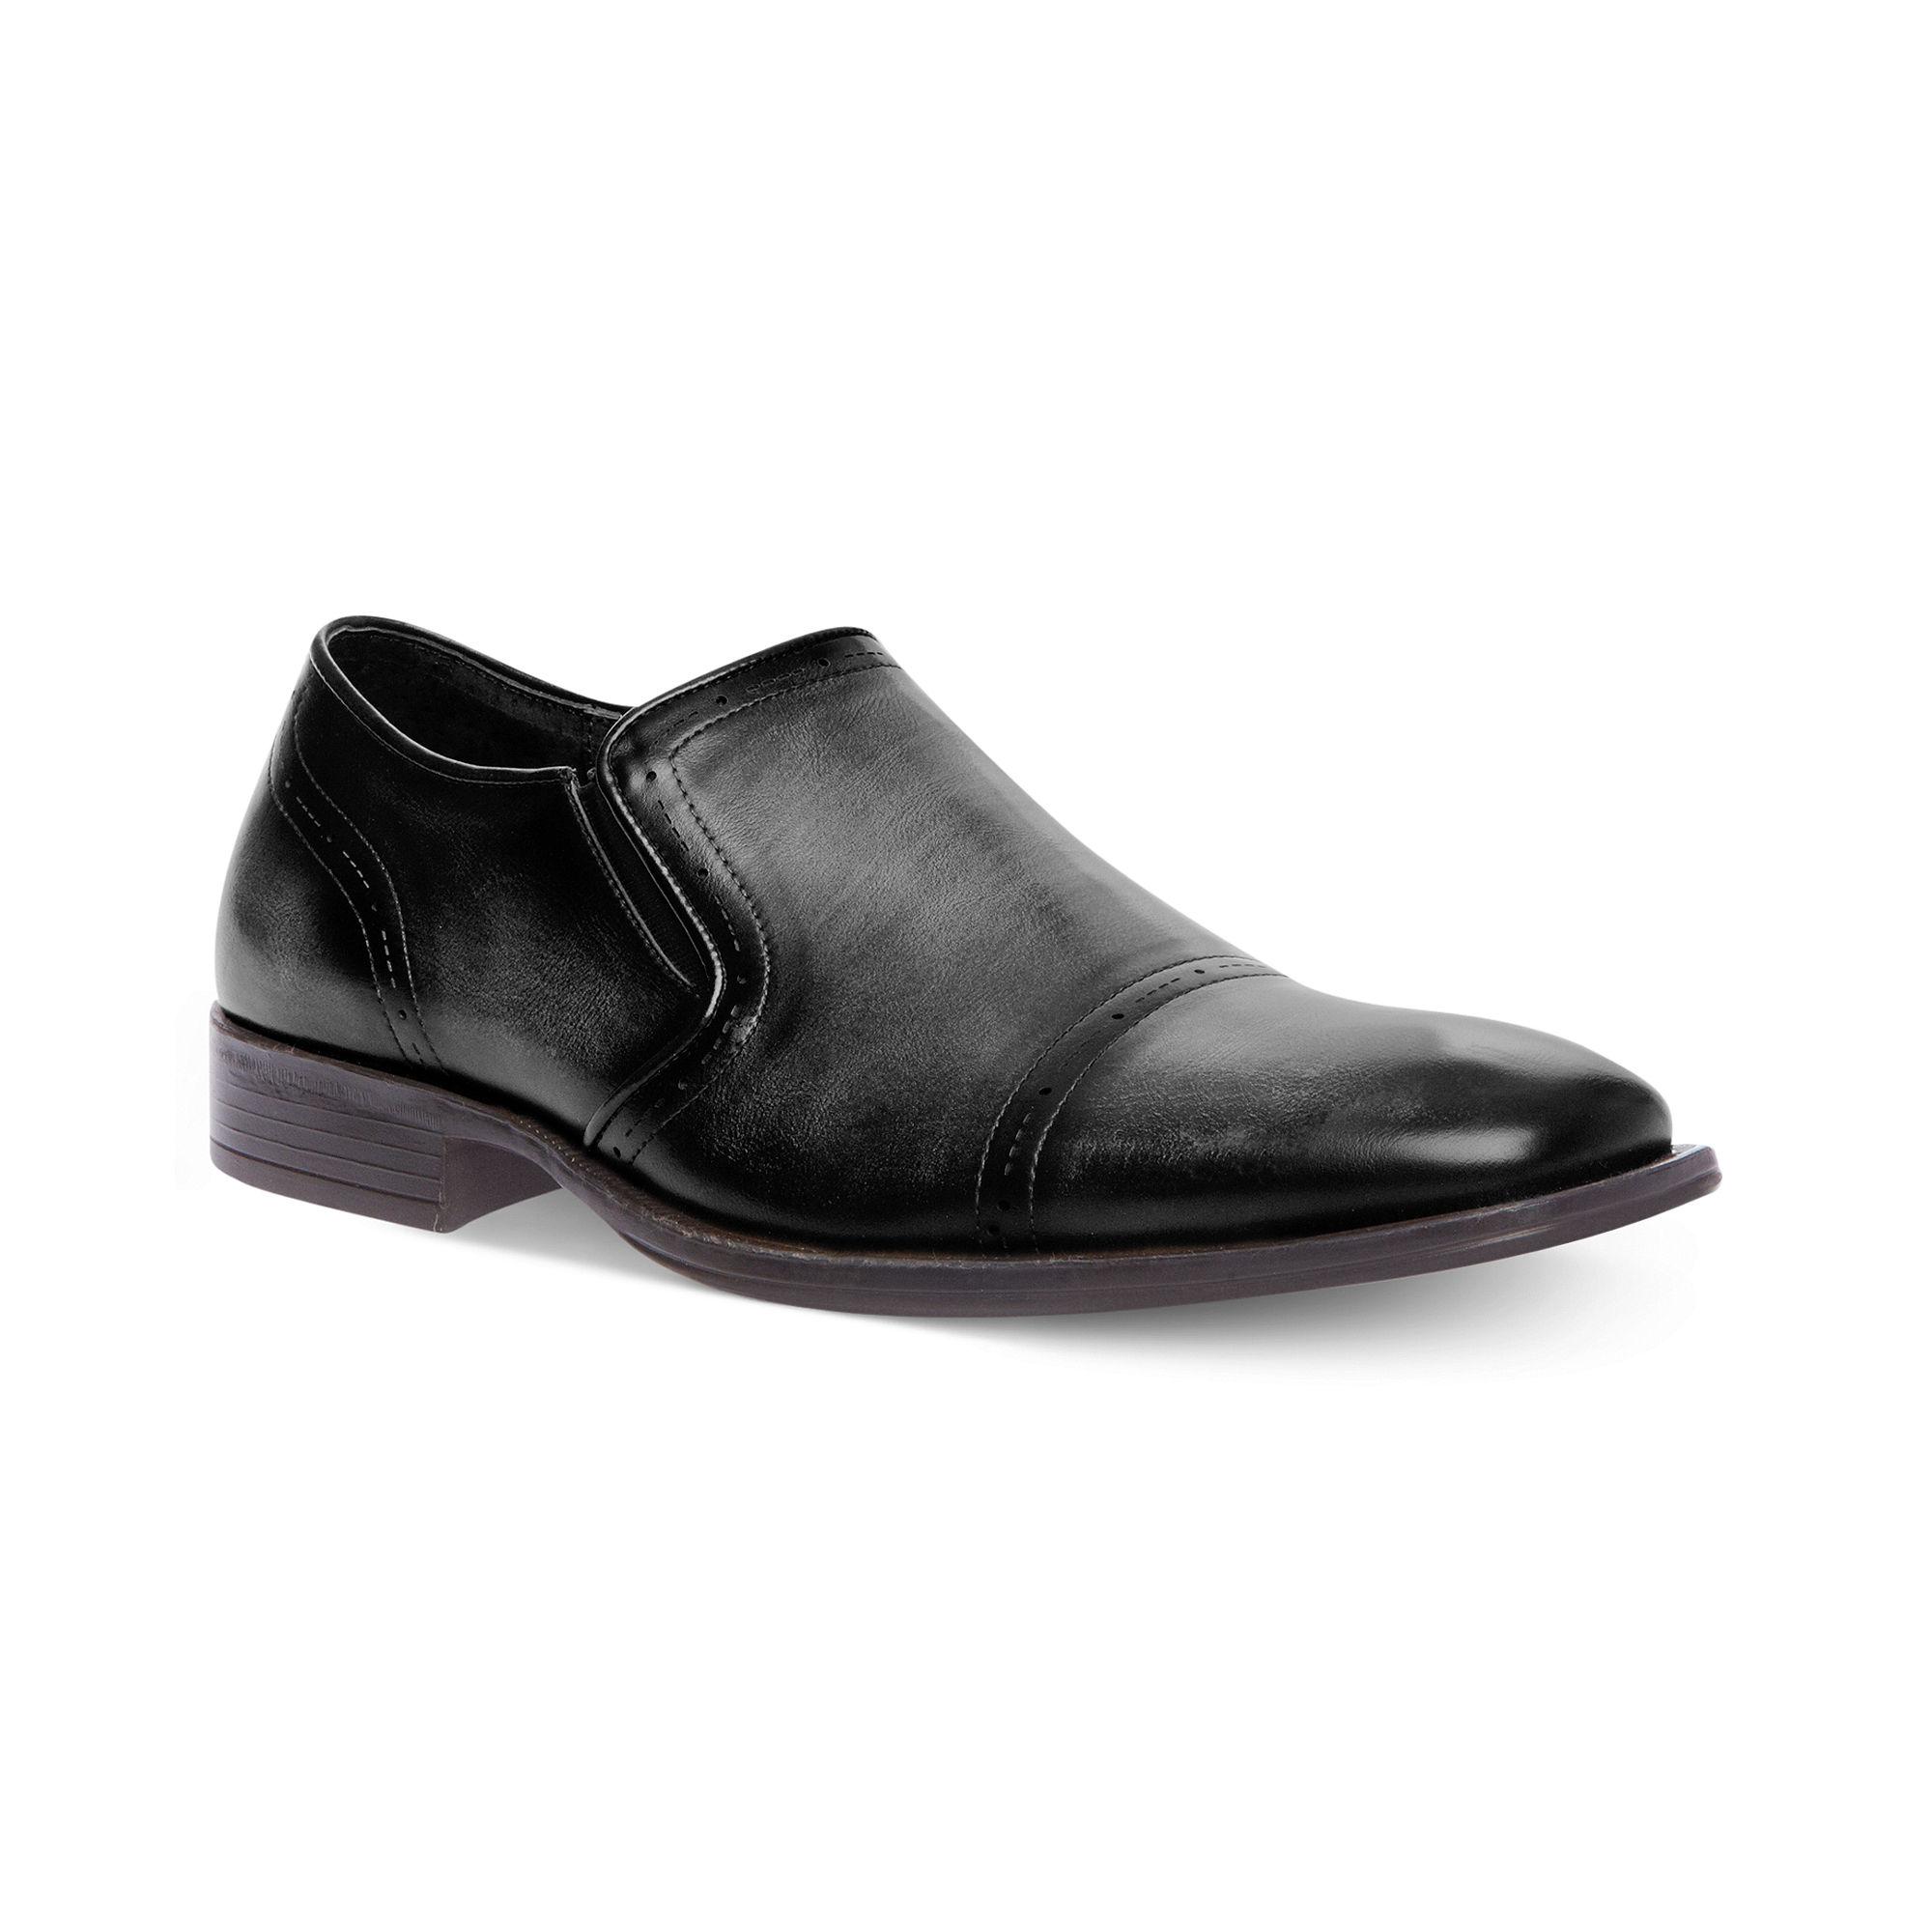 Steve Madden Madden Mens Shoes Evoke Slipon Dress Shoes in Black for